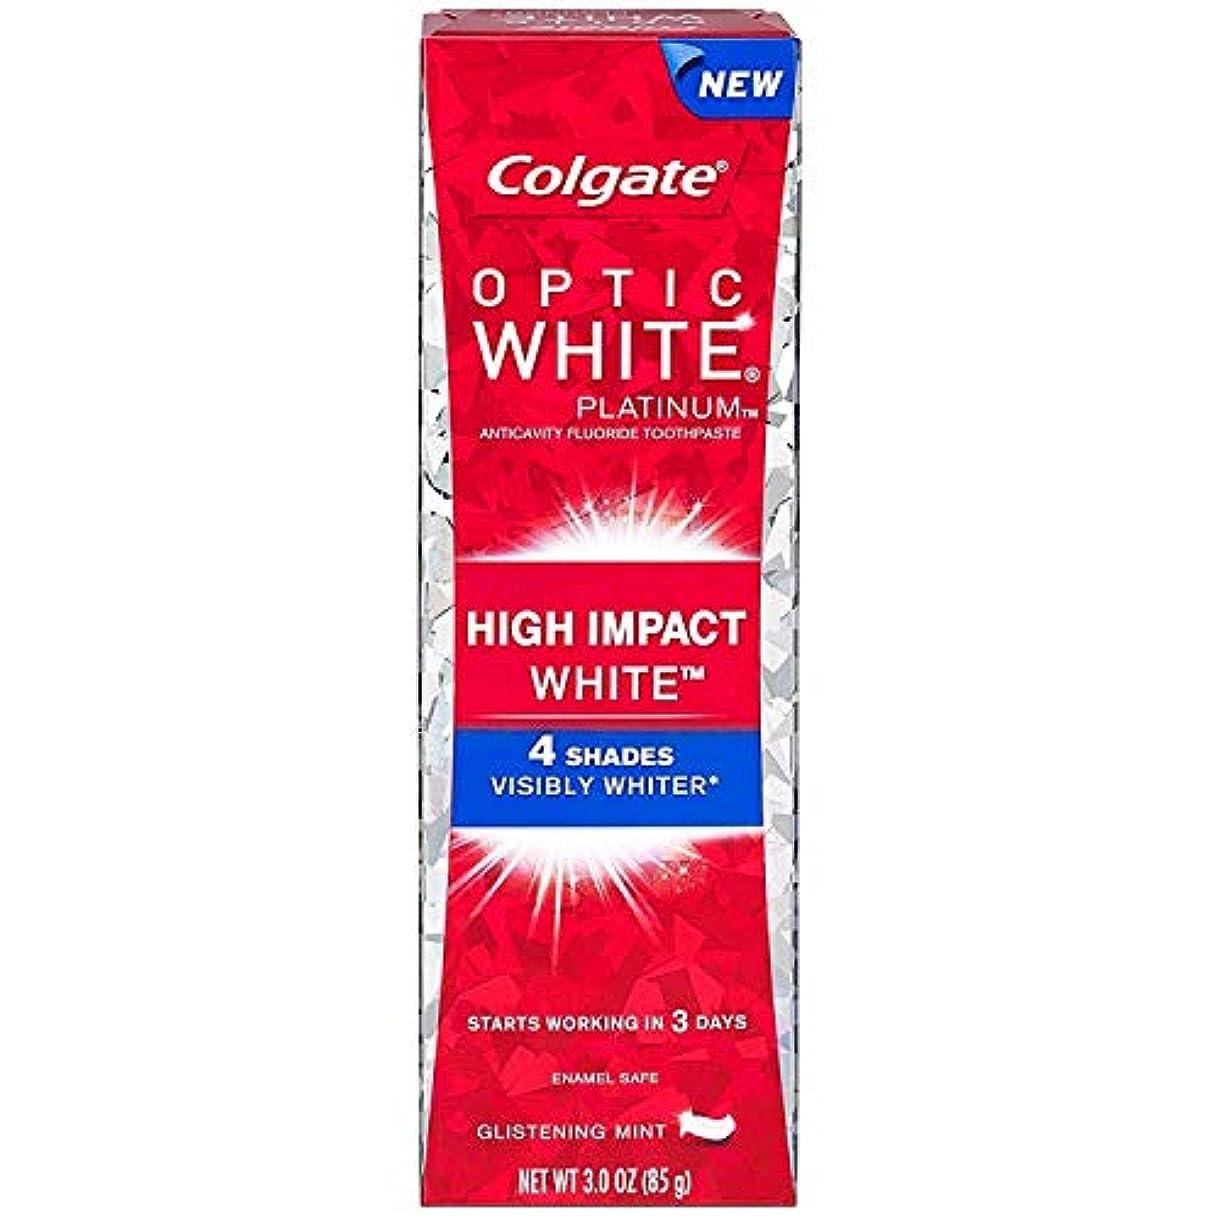 重要な役割を果たす、中心的な手段となるフィドルストライク2個セット Colgate コルゲート オプティックホワイト ハイインパクト 85g